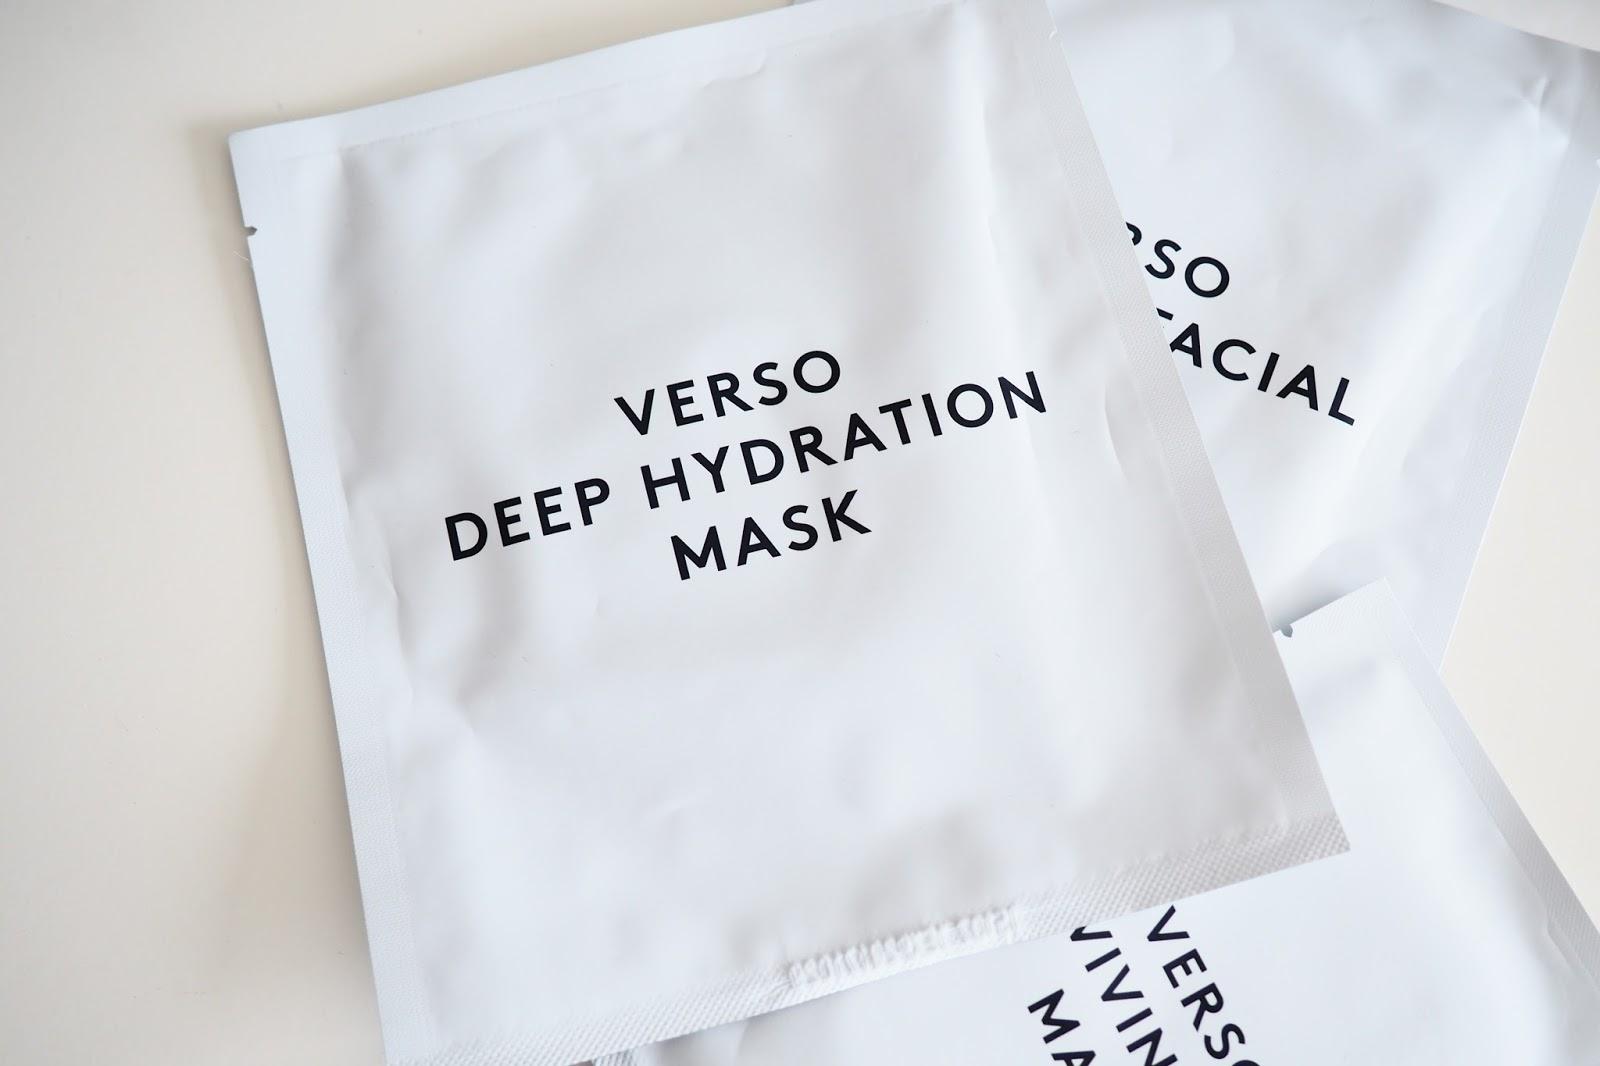 verso face mask